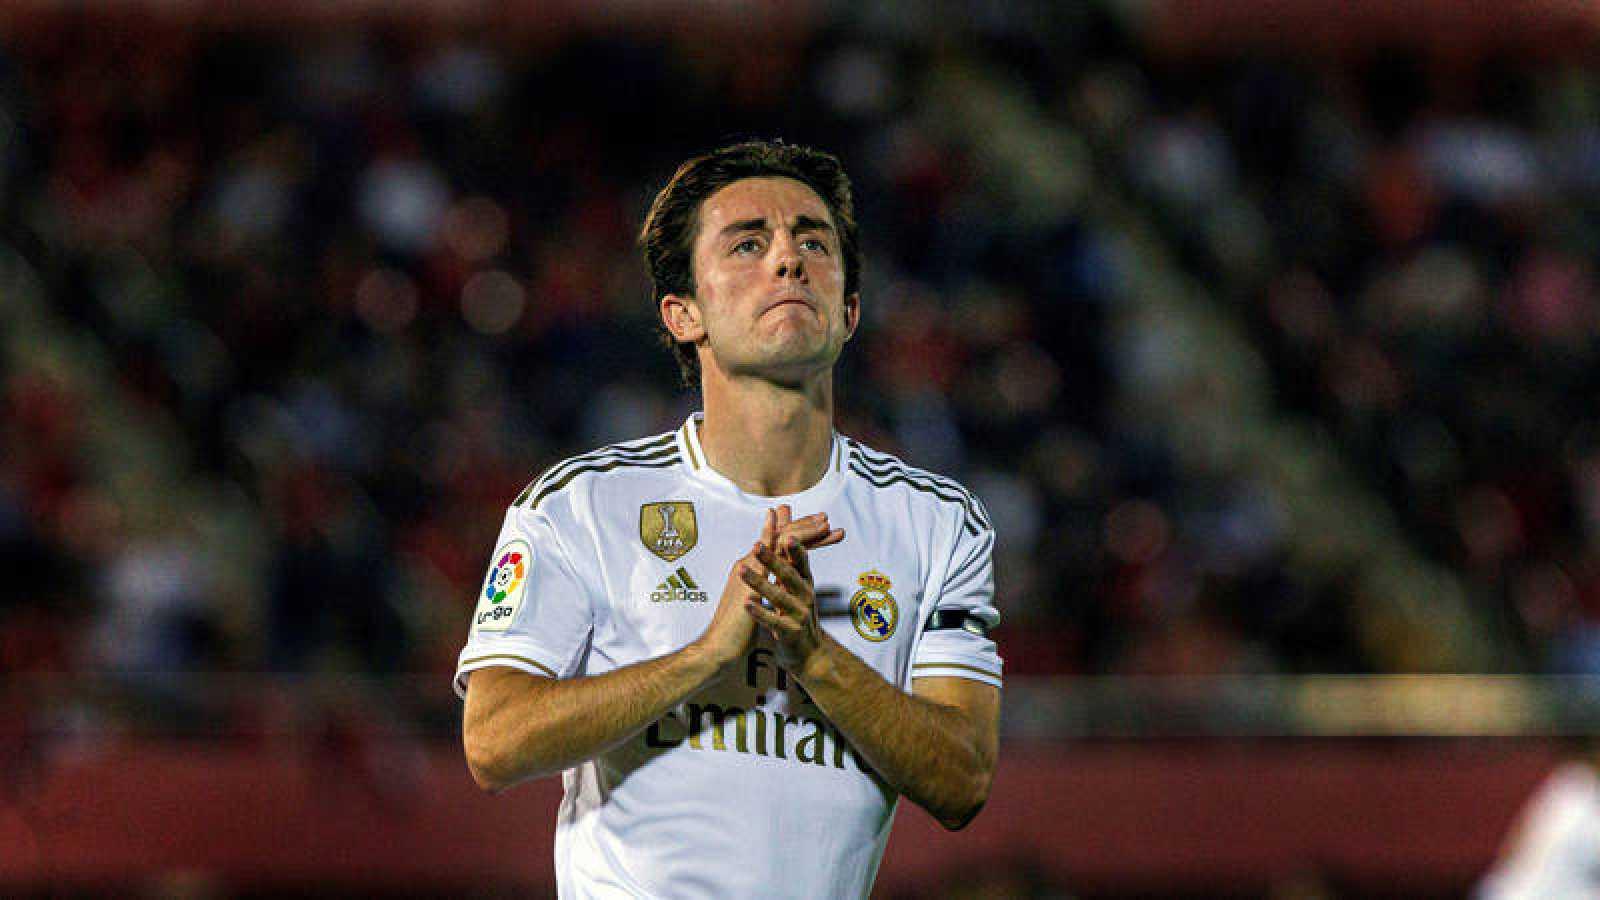 El lateral Odriozola, en su último partido con el Madrid en Mallorca.